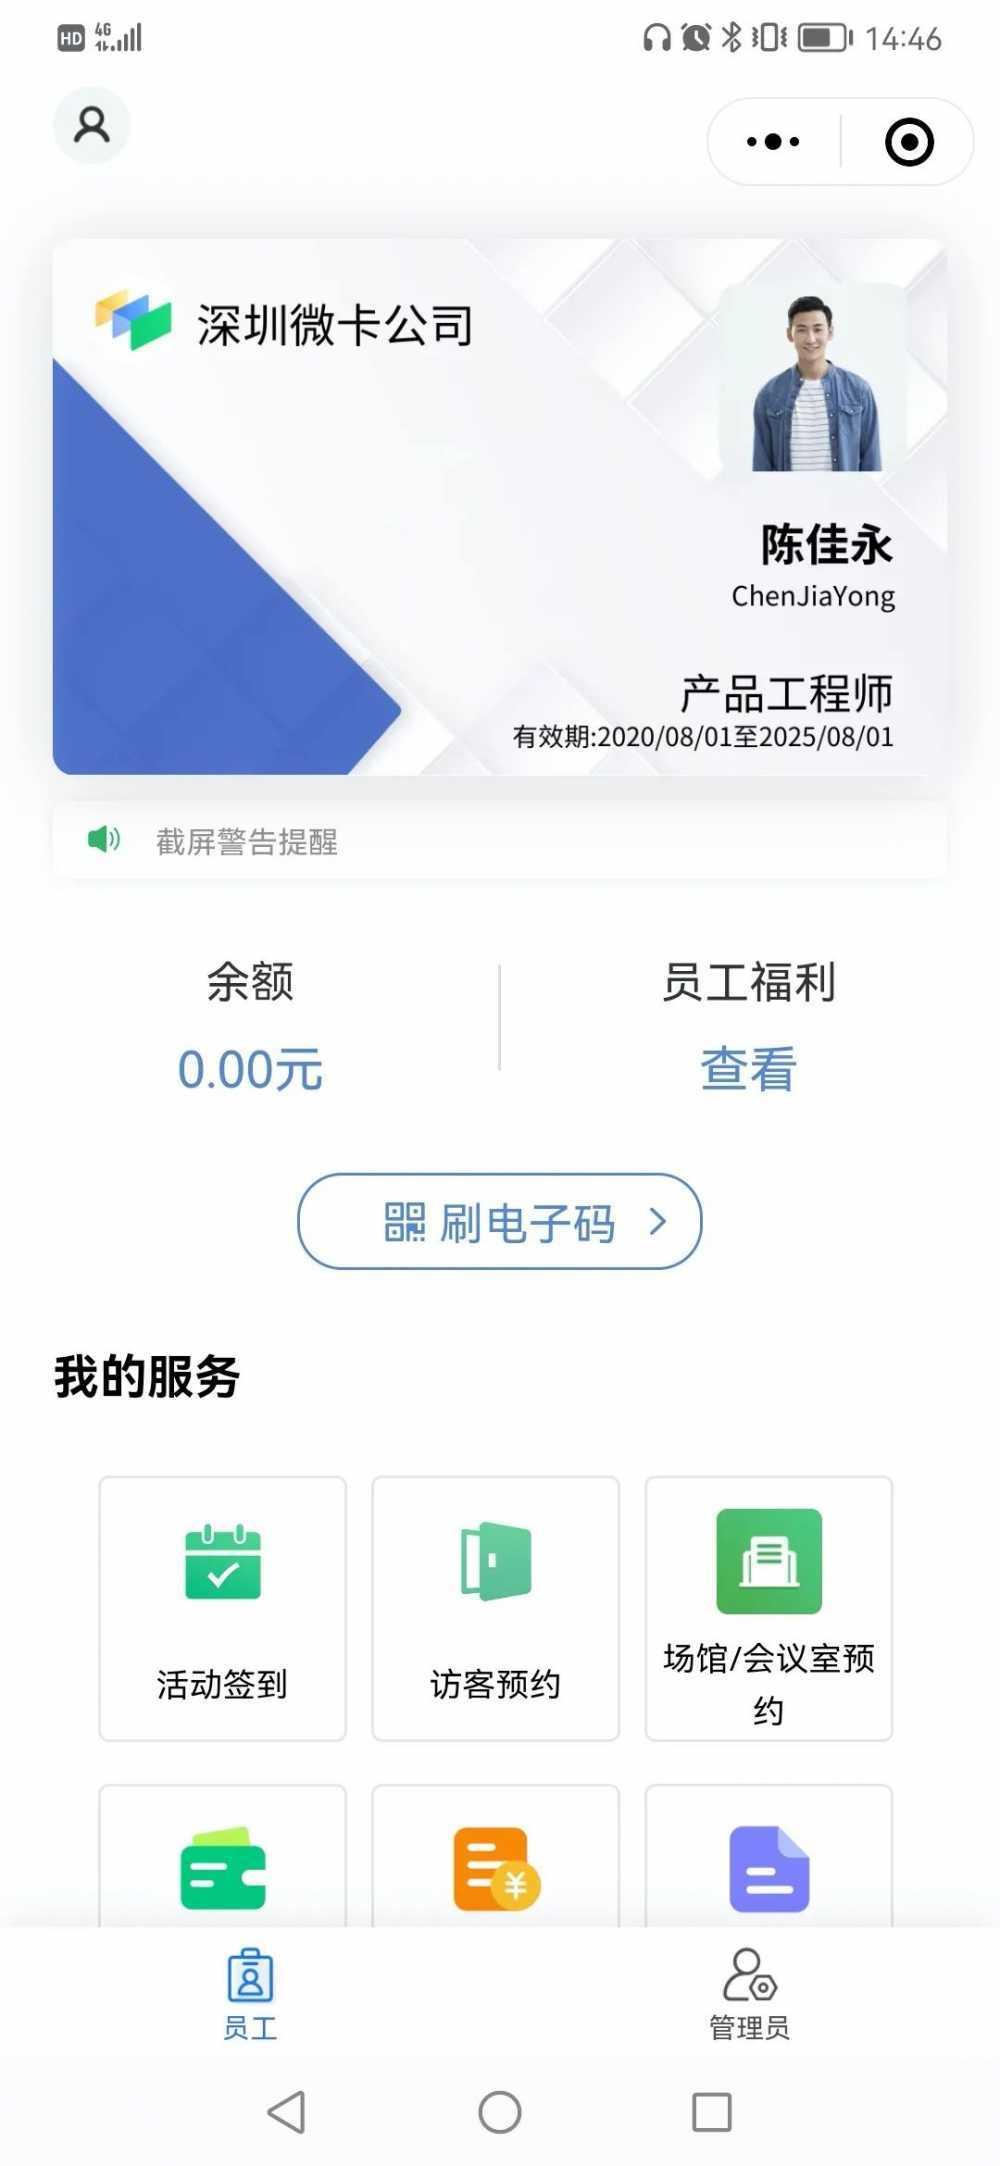 """企业微信又推""""新工具"""",这也太香了吧!-第2张图片-周小辉博客"""